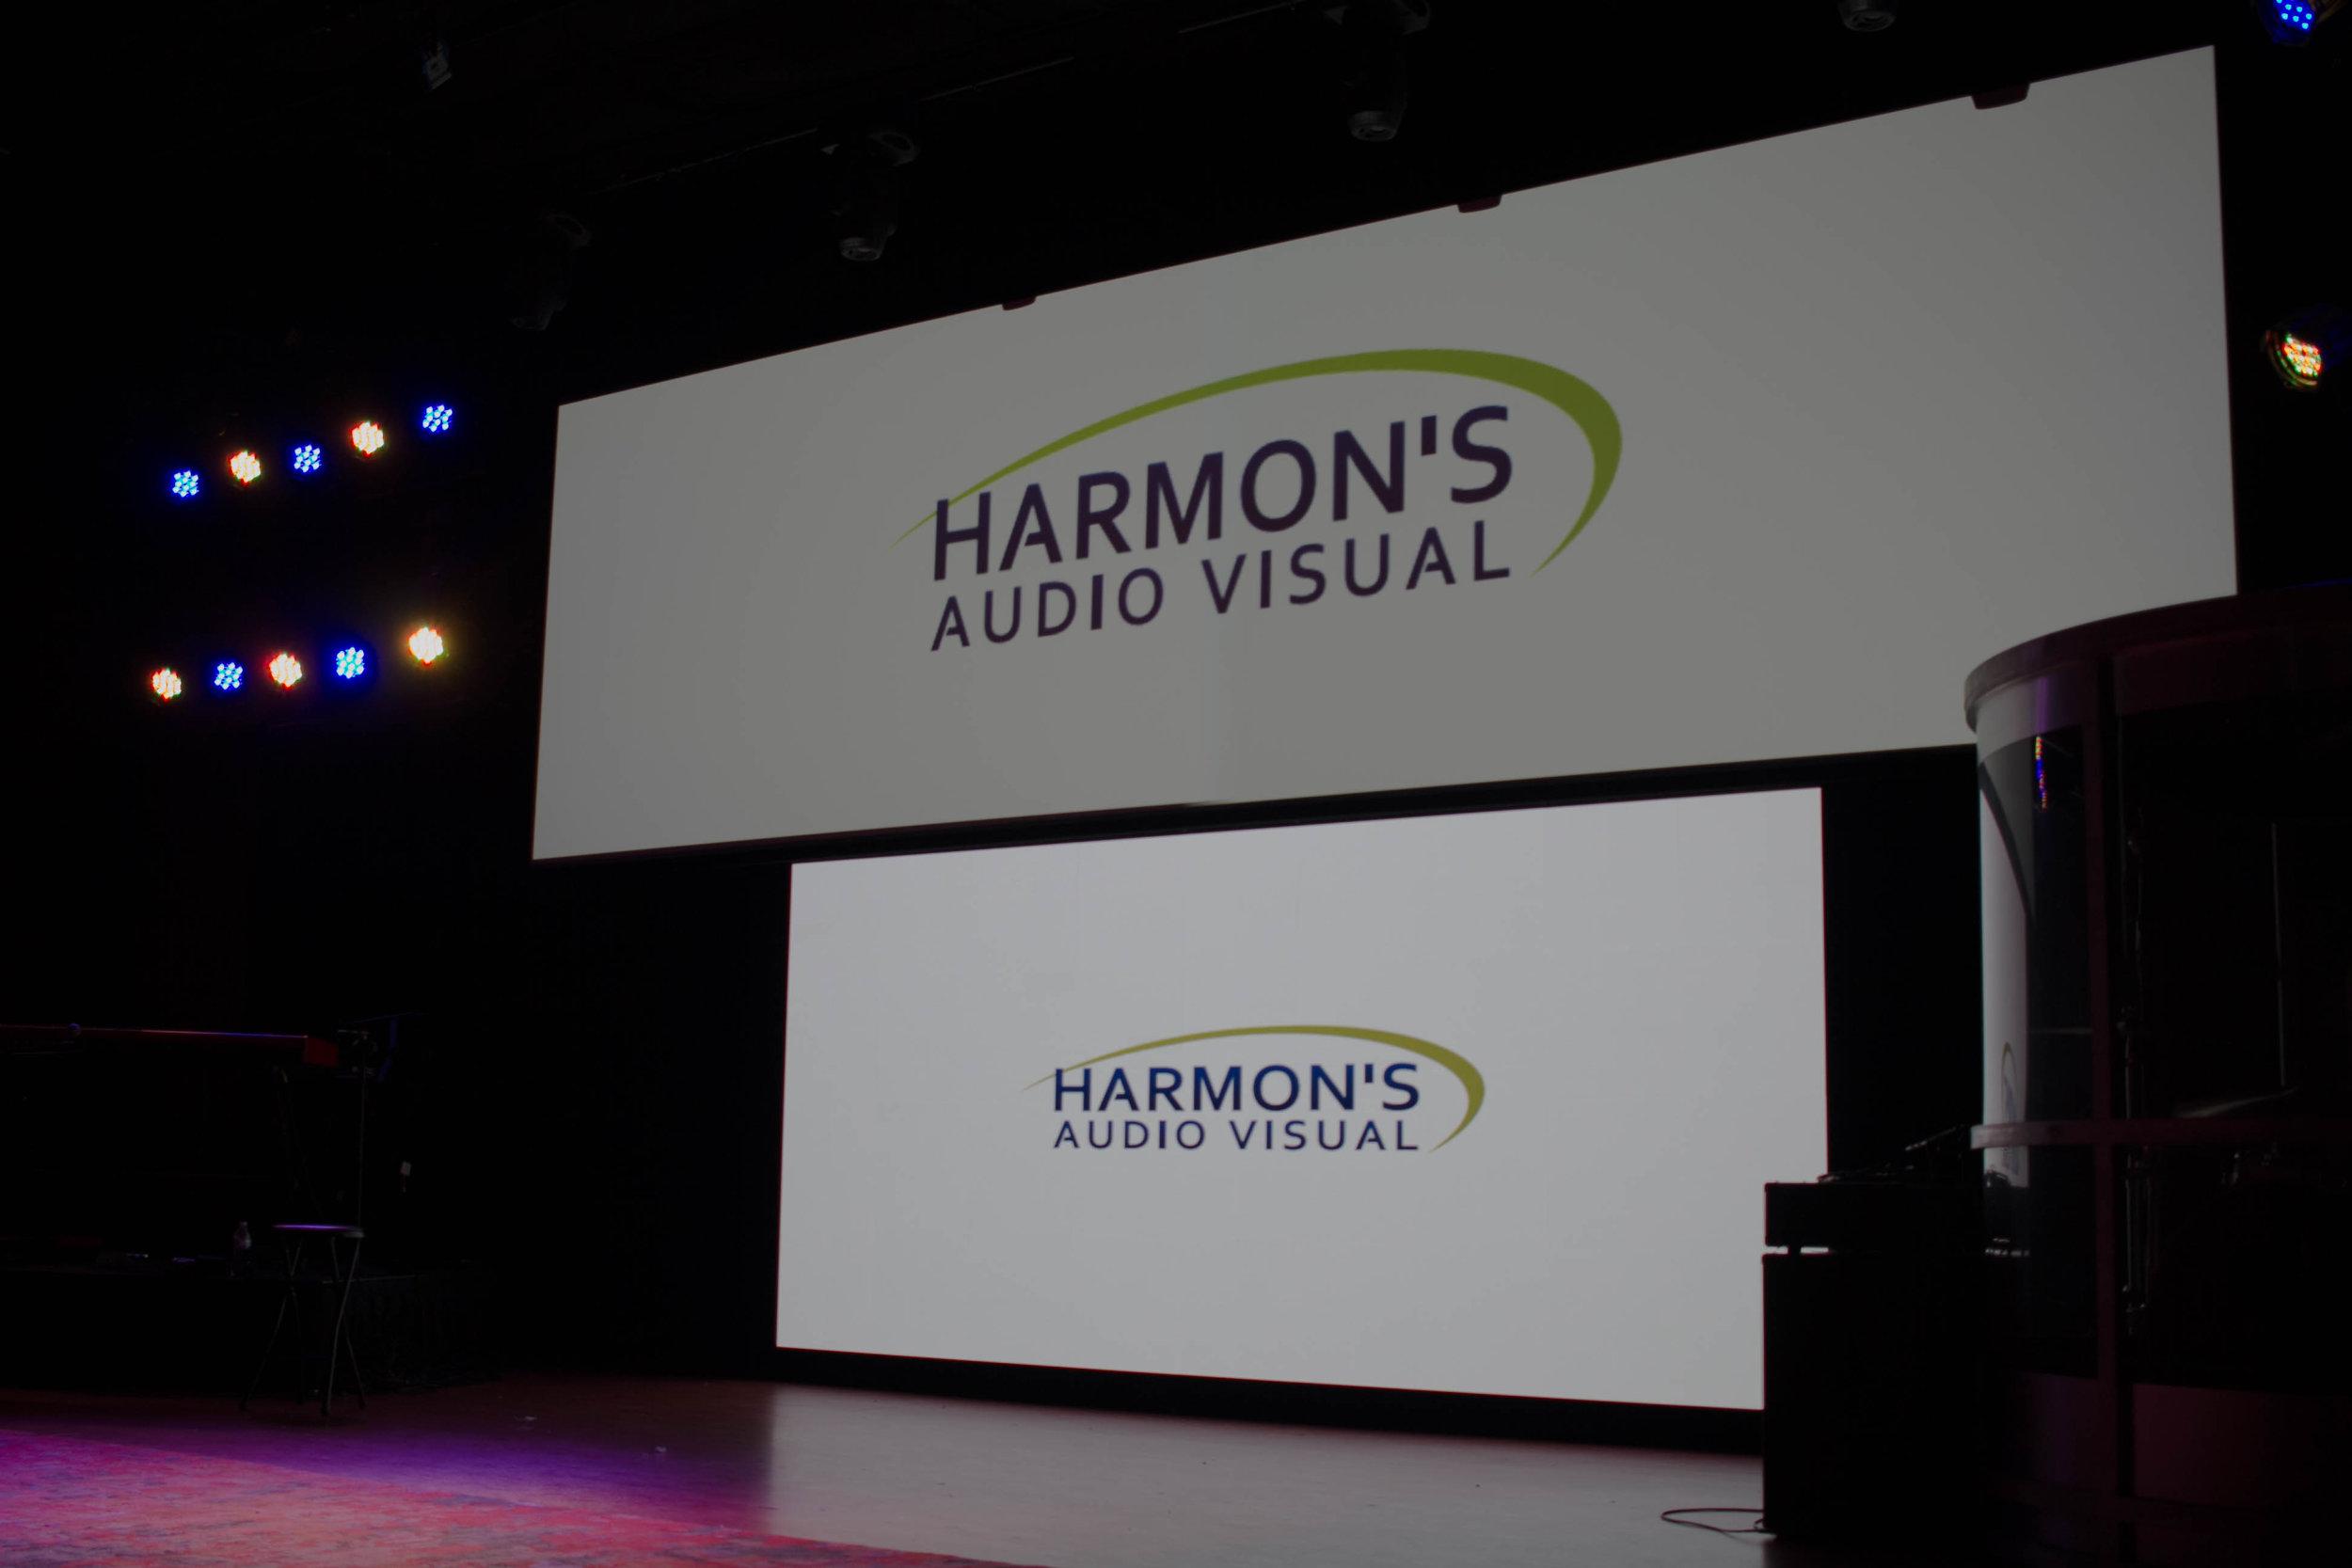 Harmons LED Wall_-2.jpeg